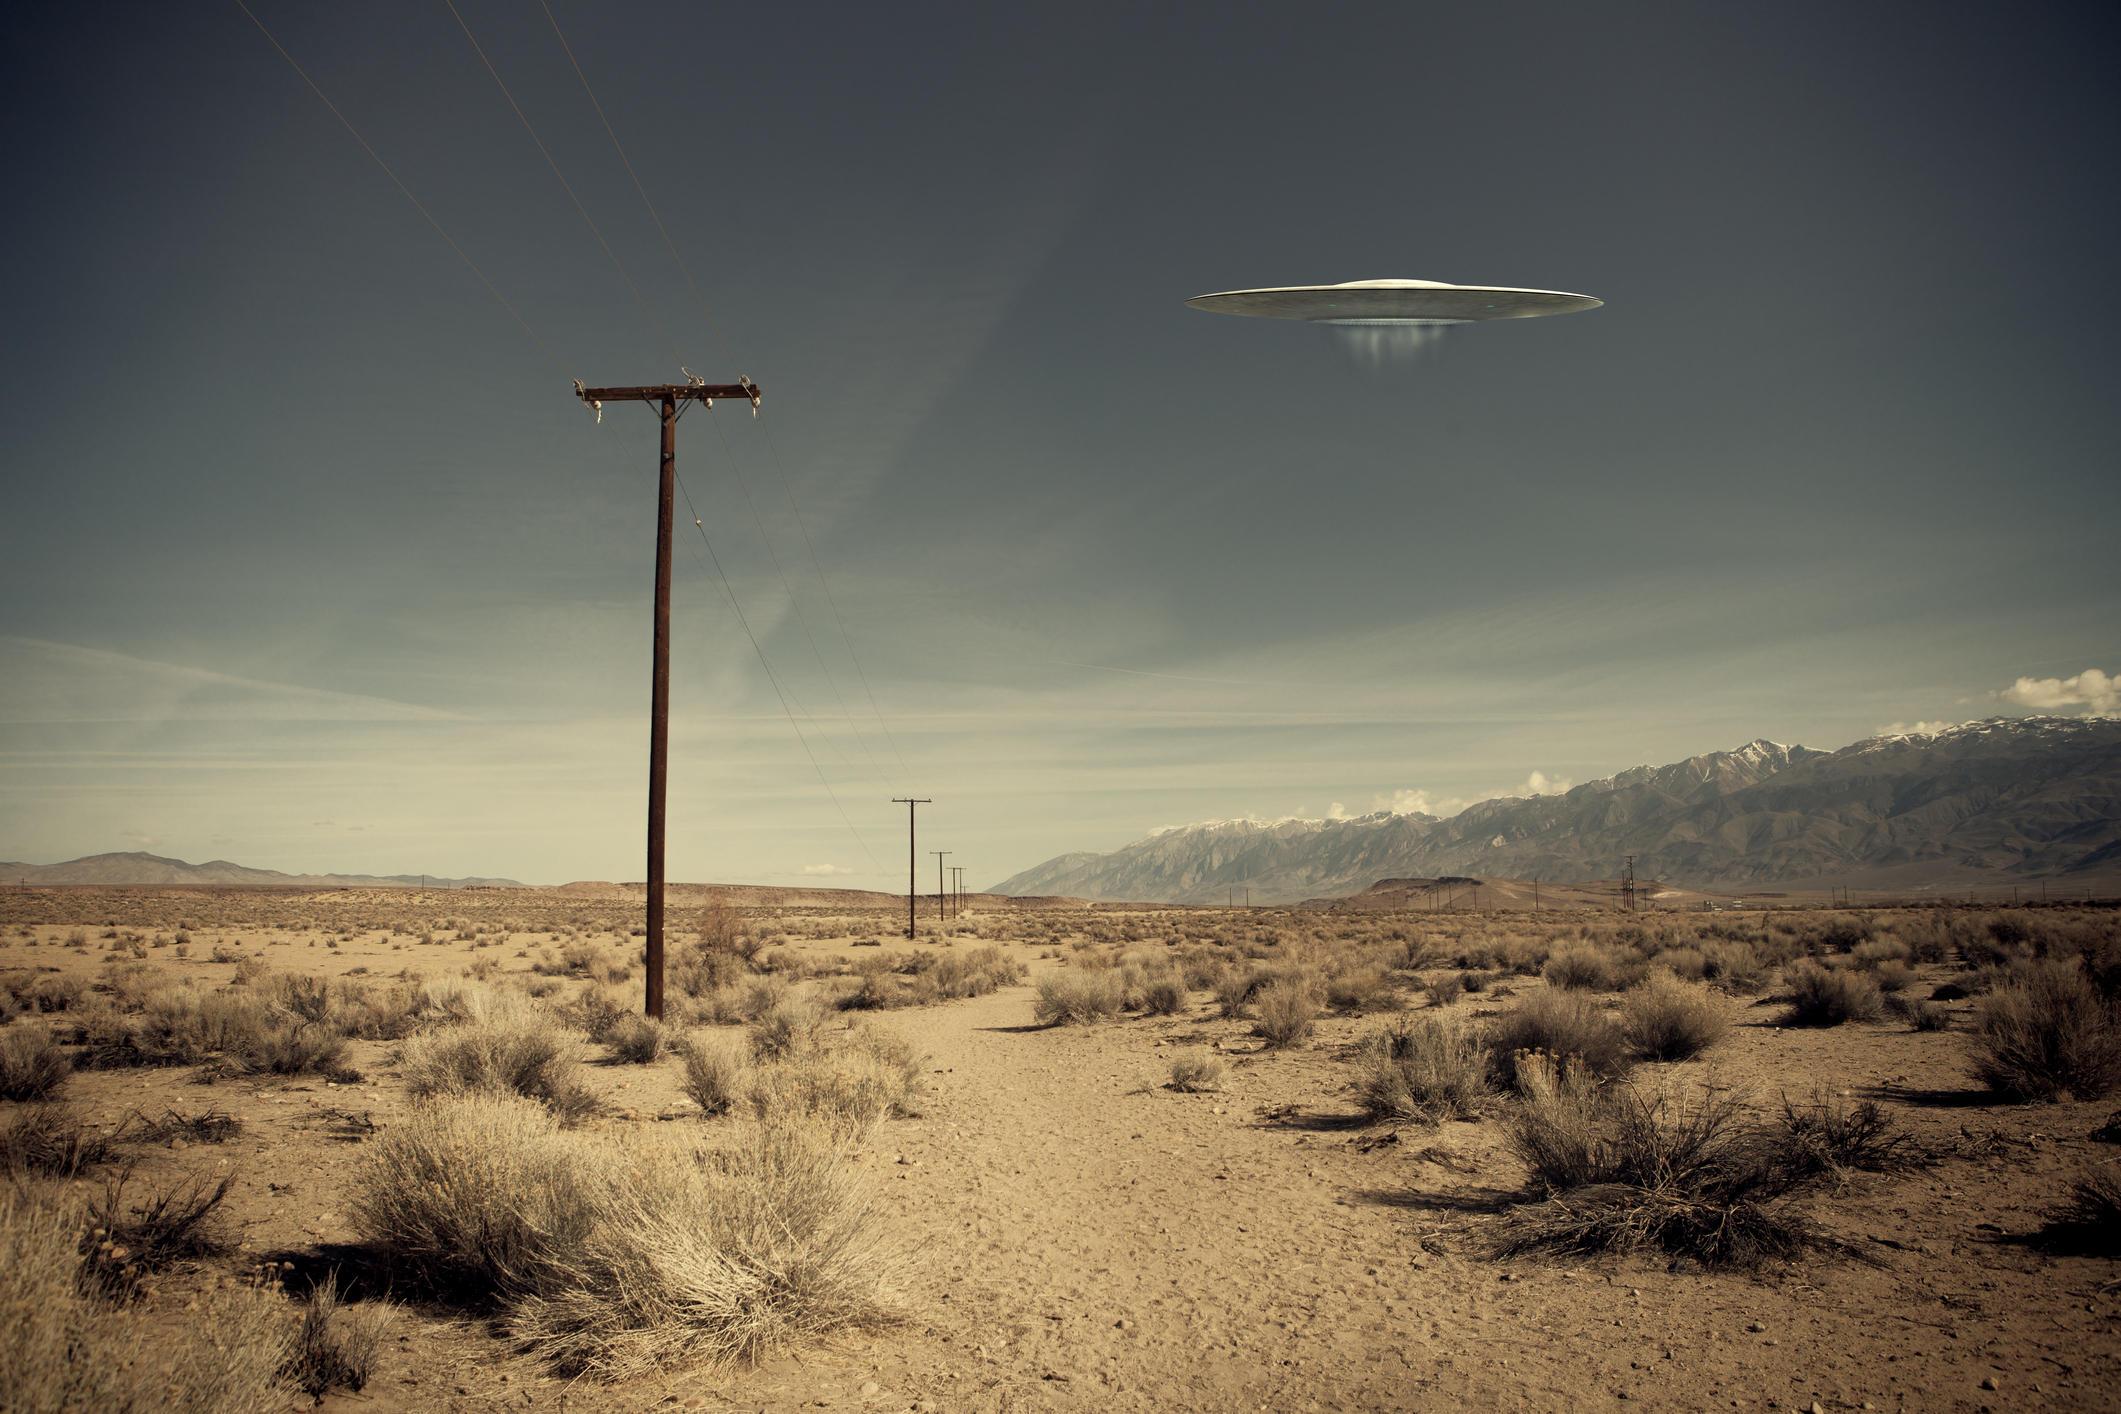 UFO over desert road